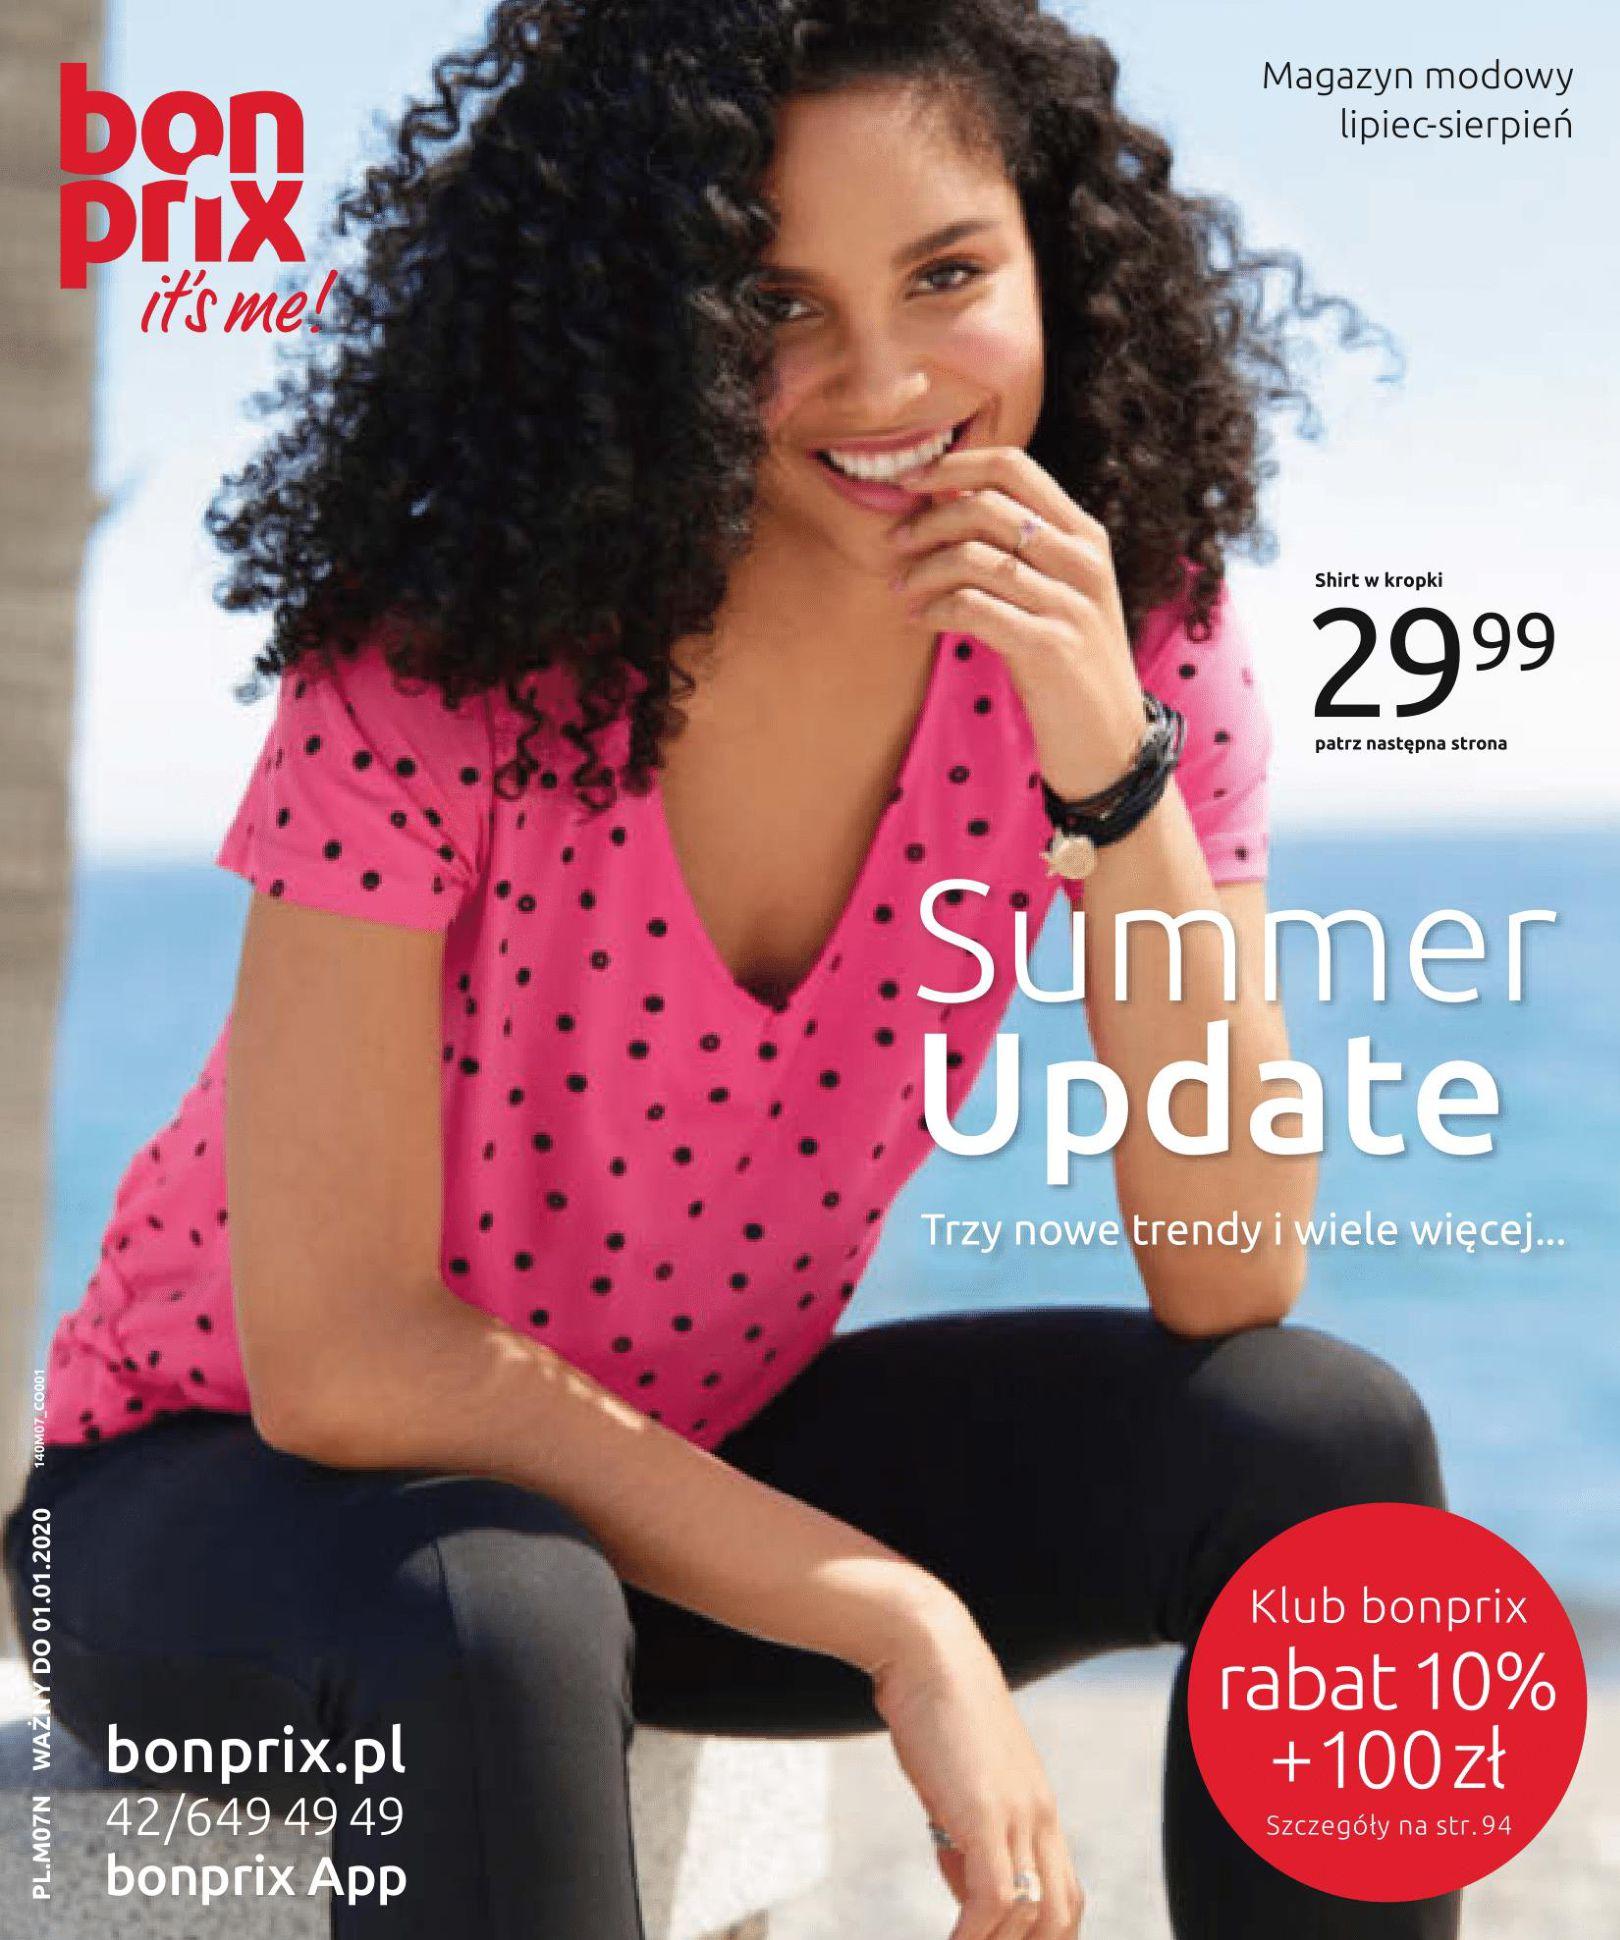 Gazetka Bonprix - Summer Update-02.07.2019-01.01.2020-page-1